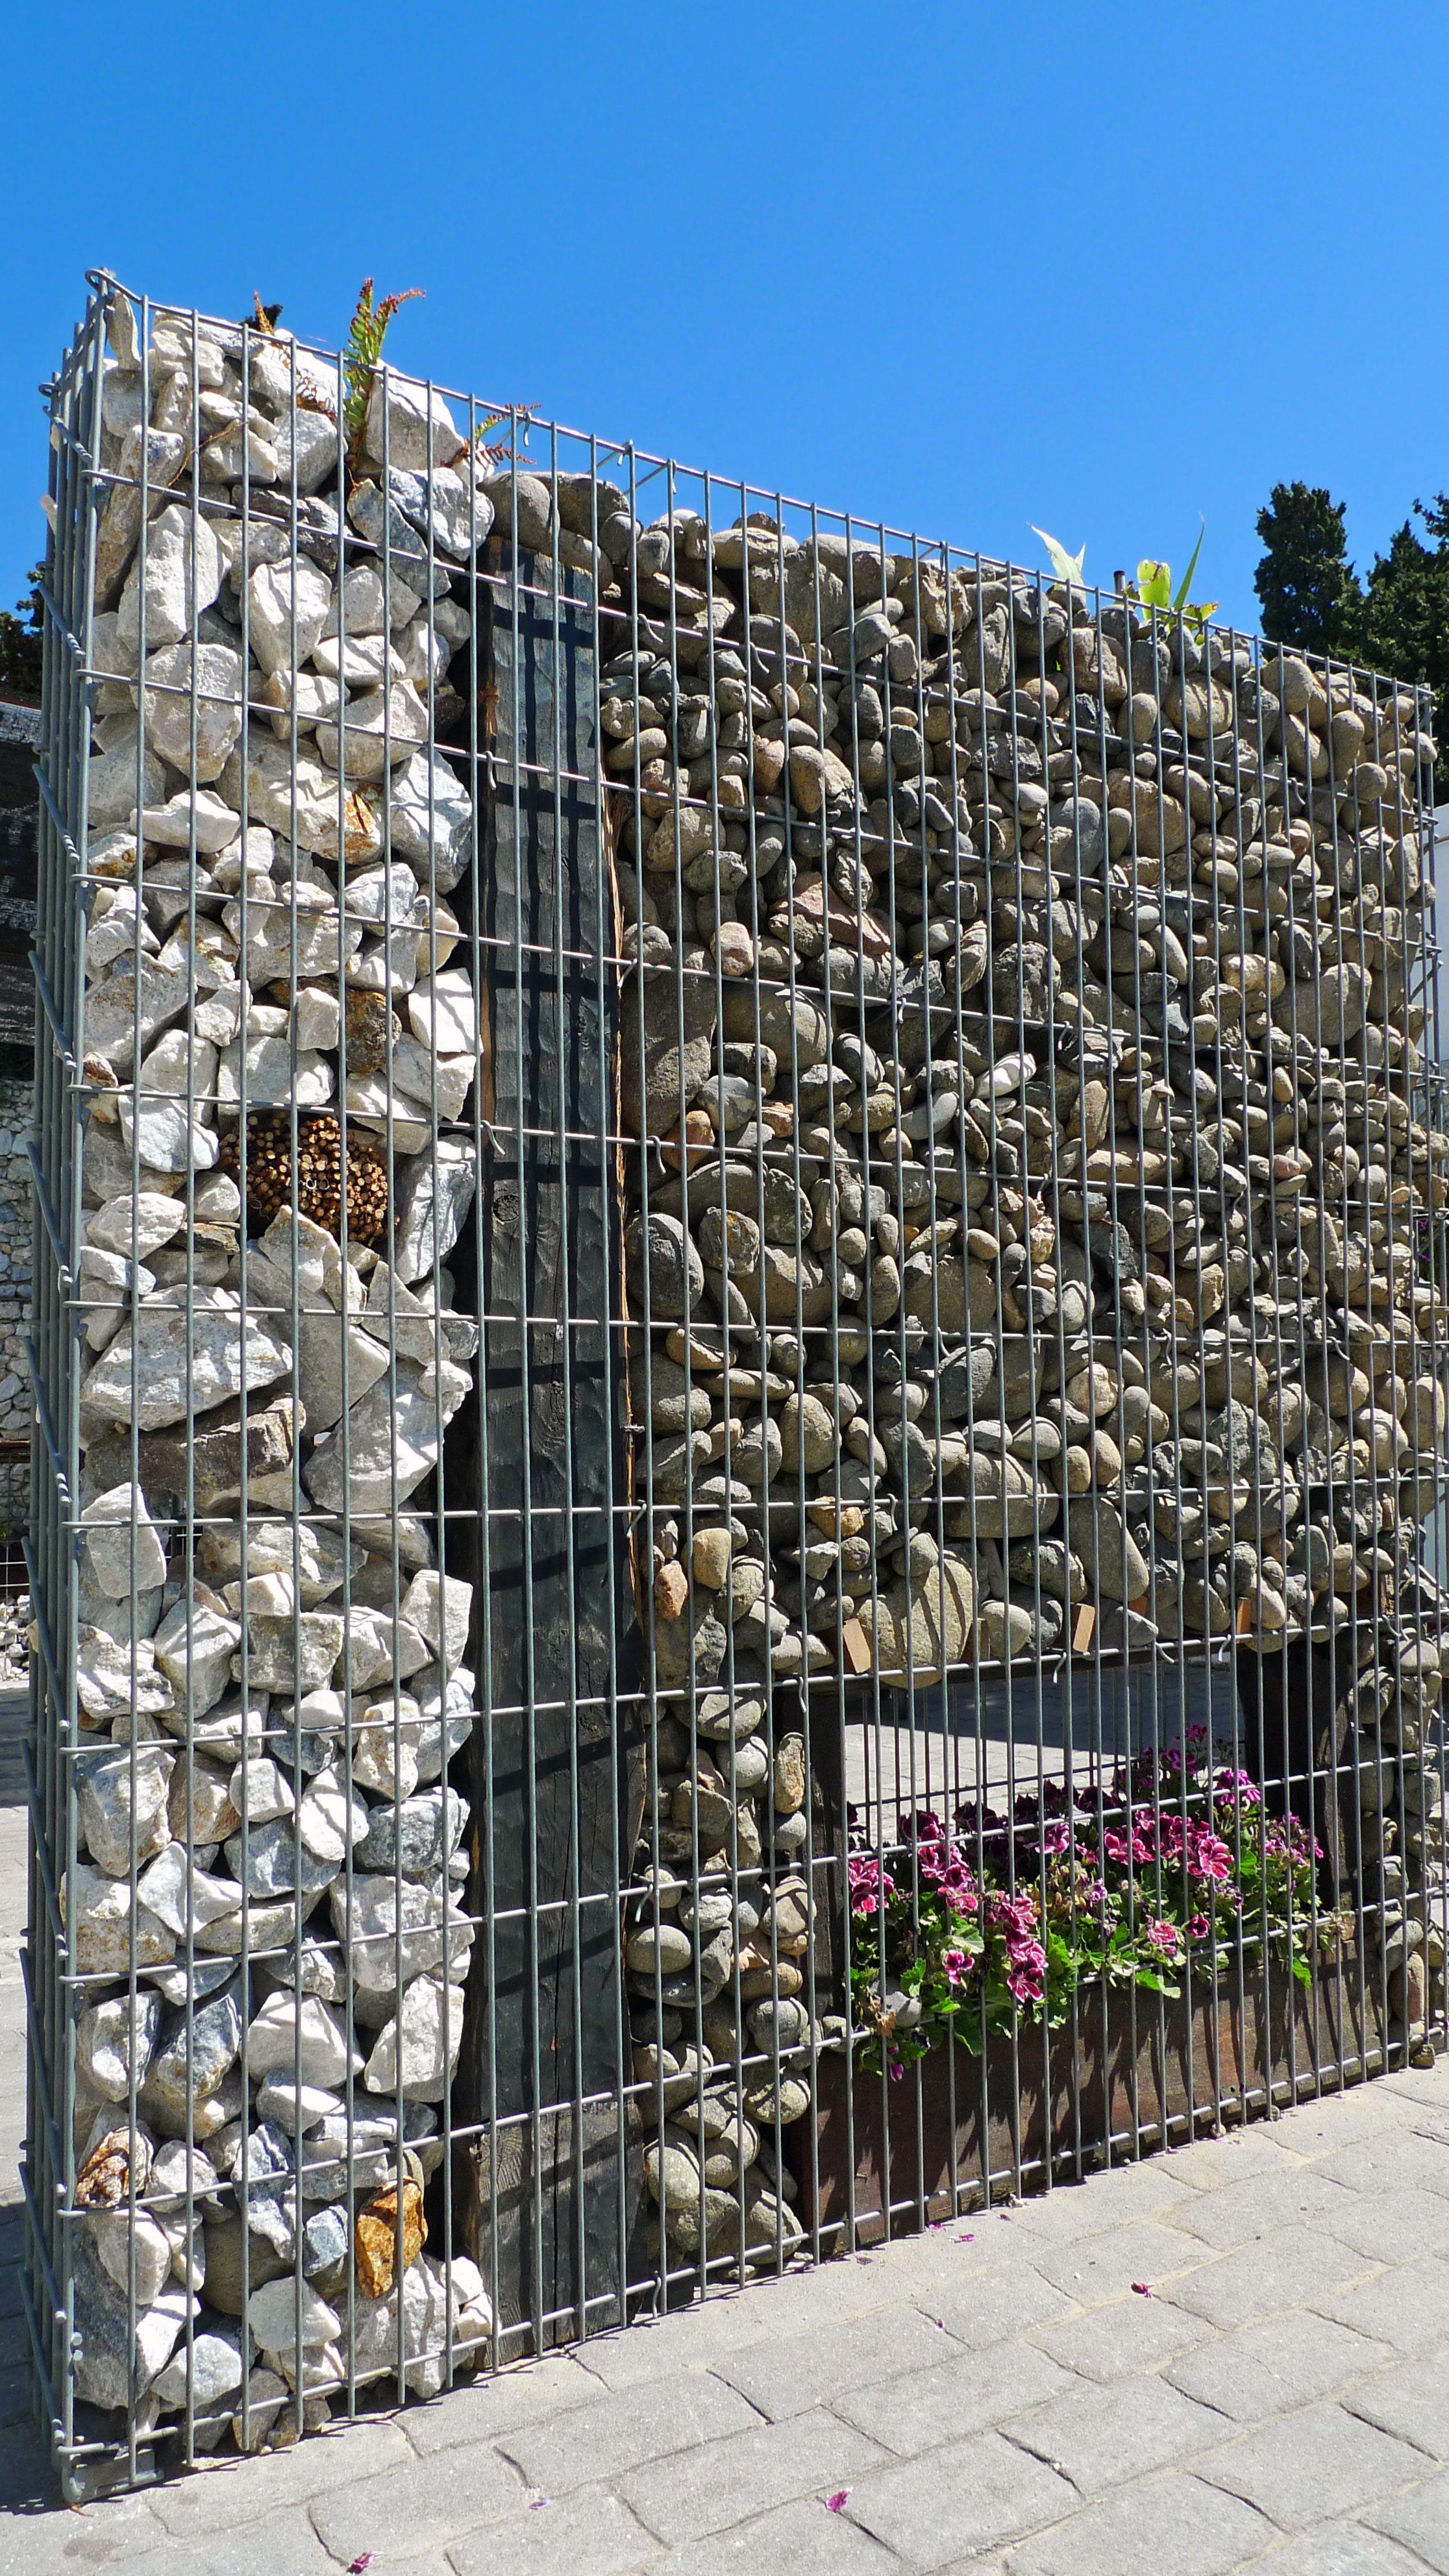 Muro de separaci n con gaviones for Muro de separacion jardin